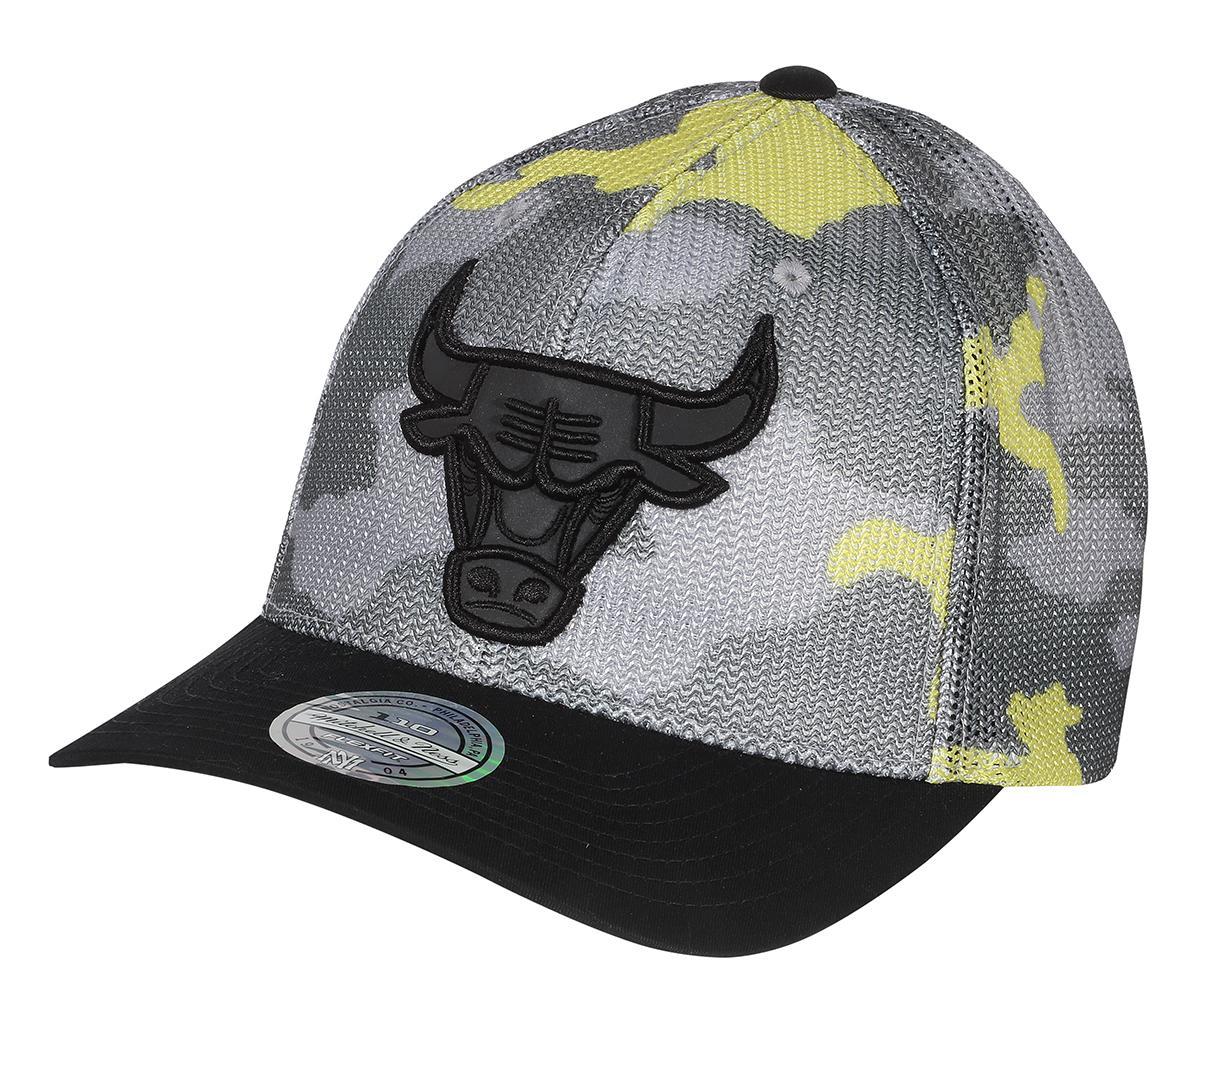 premium selection 9dcc1 84e08 Flou Camo 110 Snapback Chicago Bulls